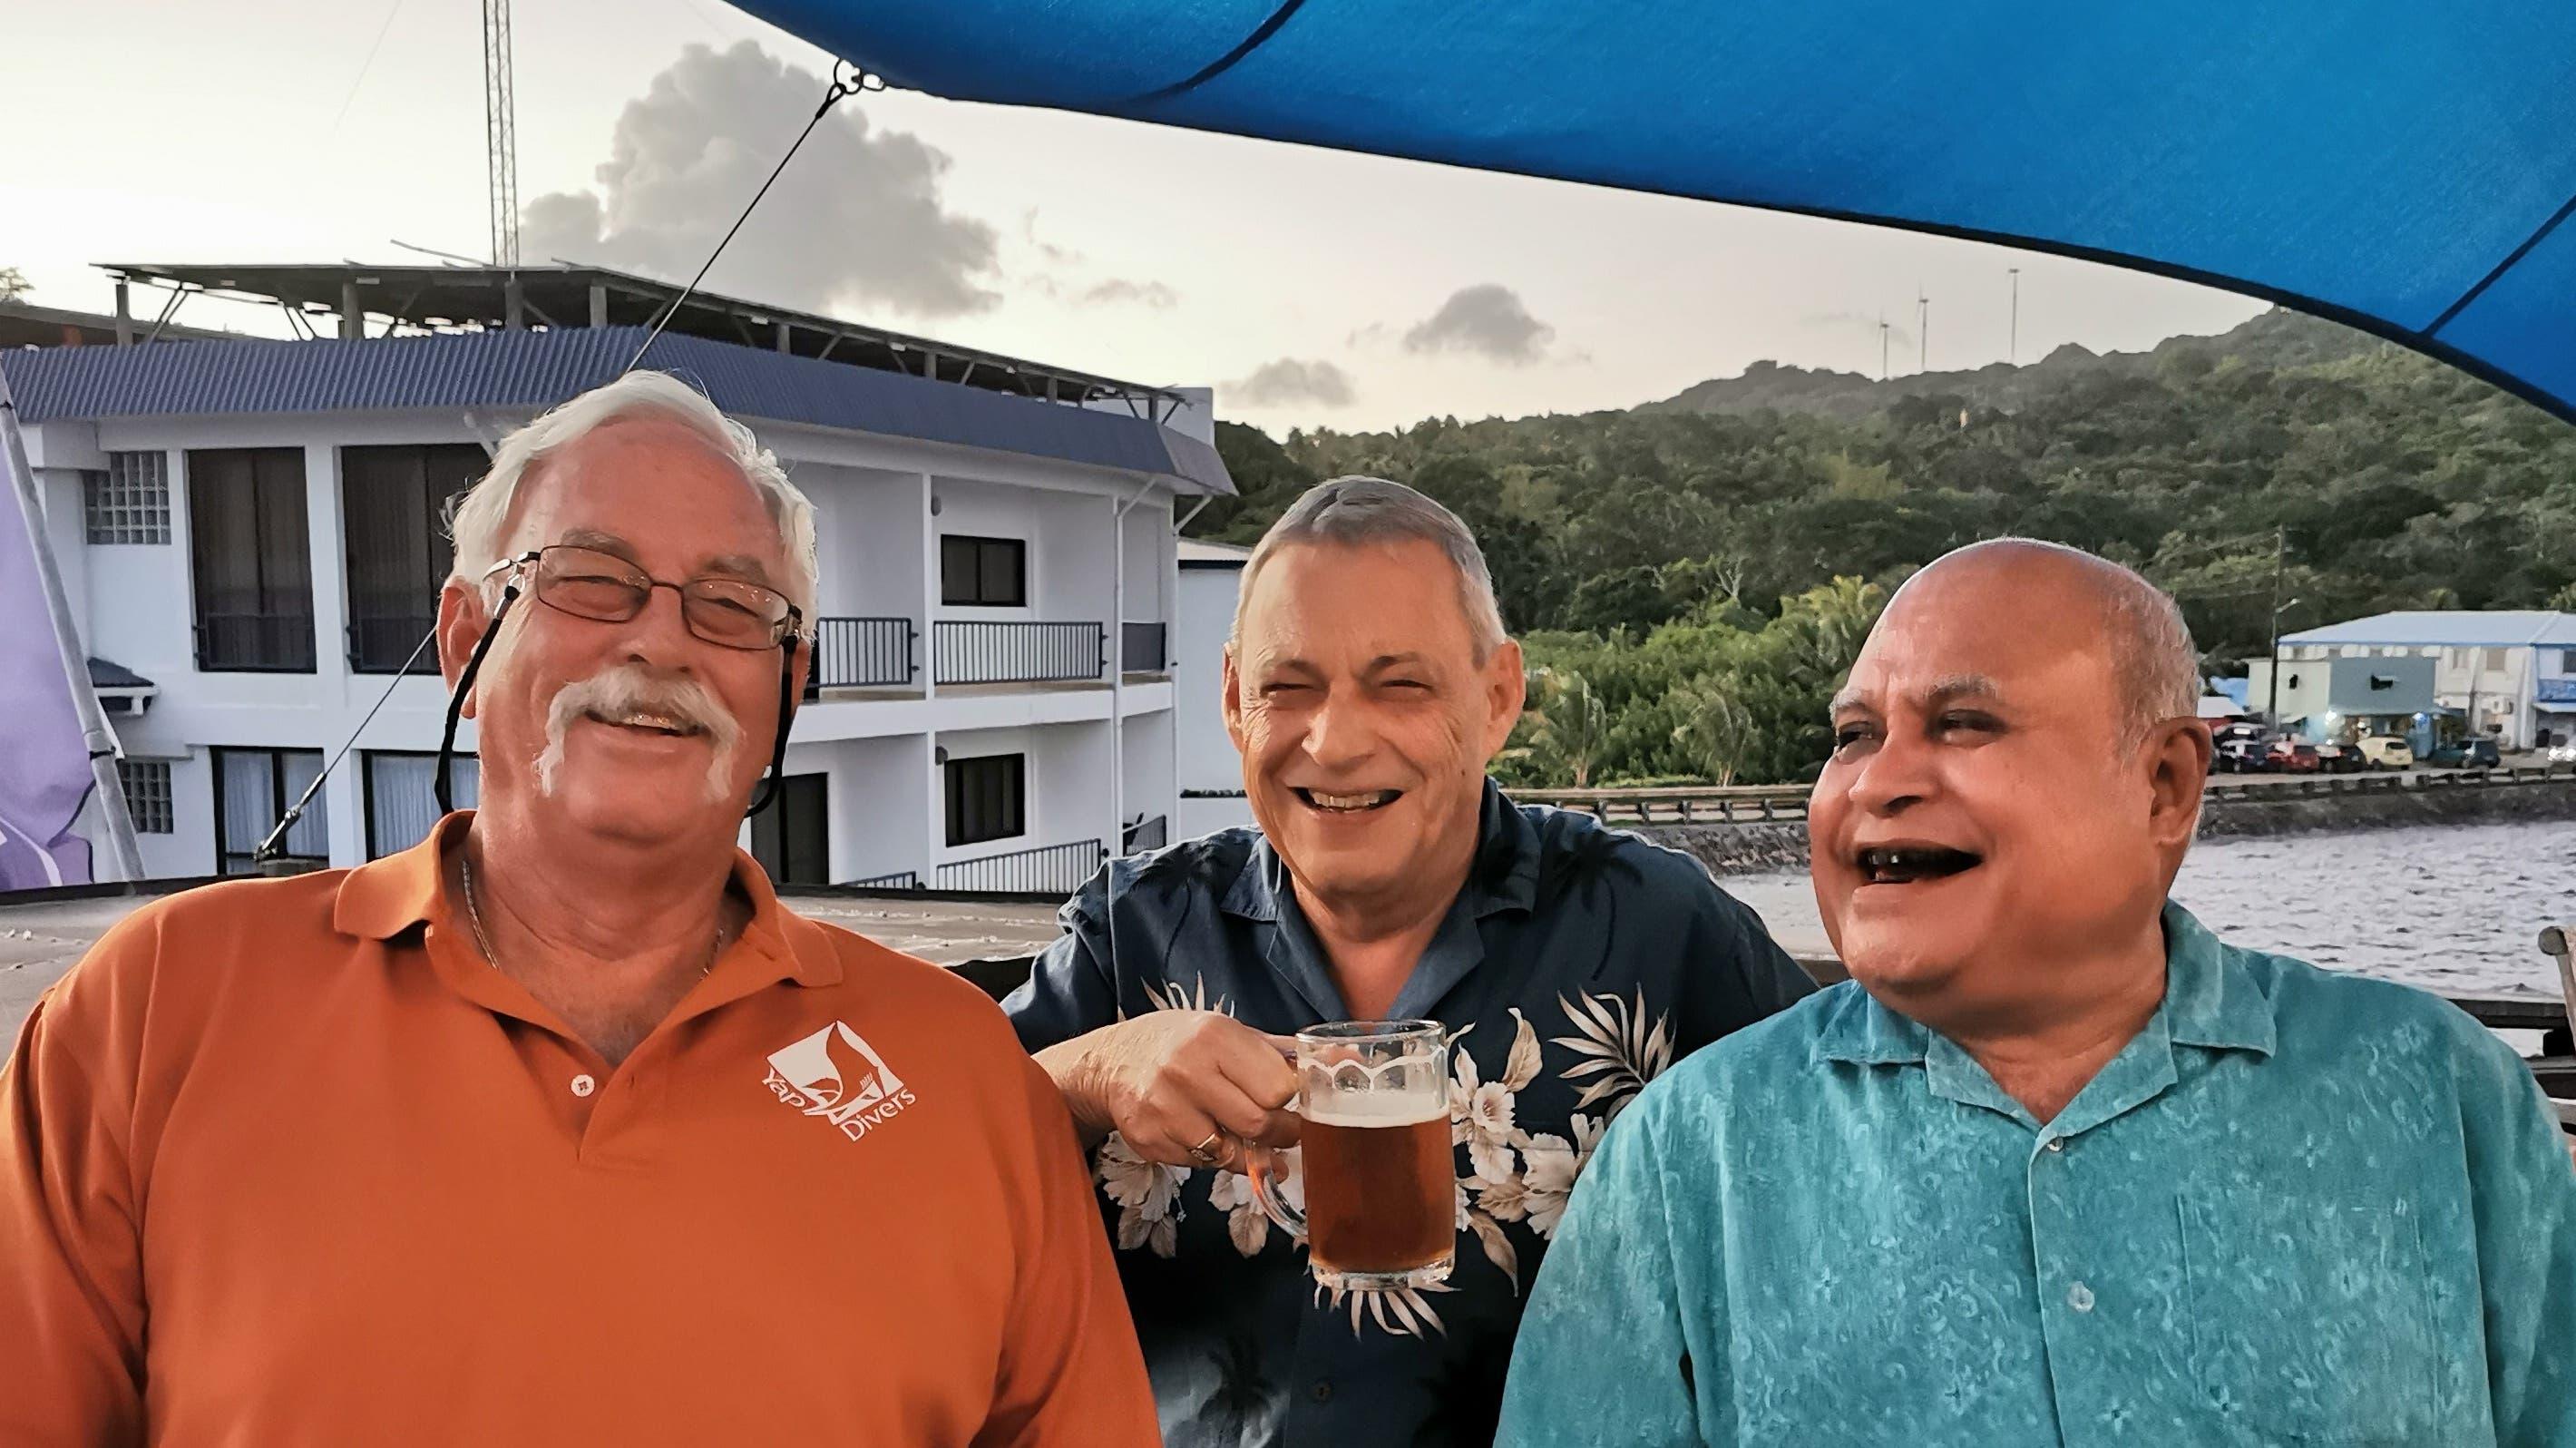 Hanspeter Gsell (Mitte) mit dem Gouverneur von Yap, Sir Henry Falan (rechts), und Bill Acker, The Manta Man.